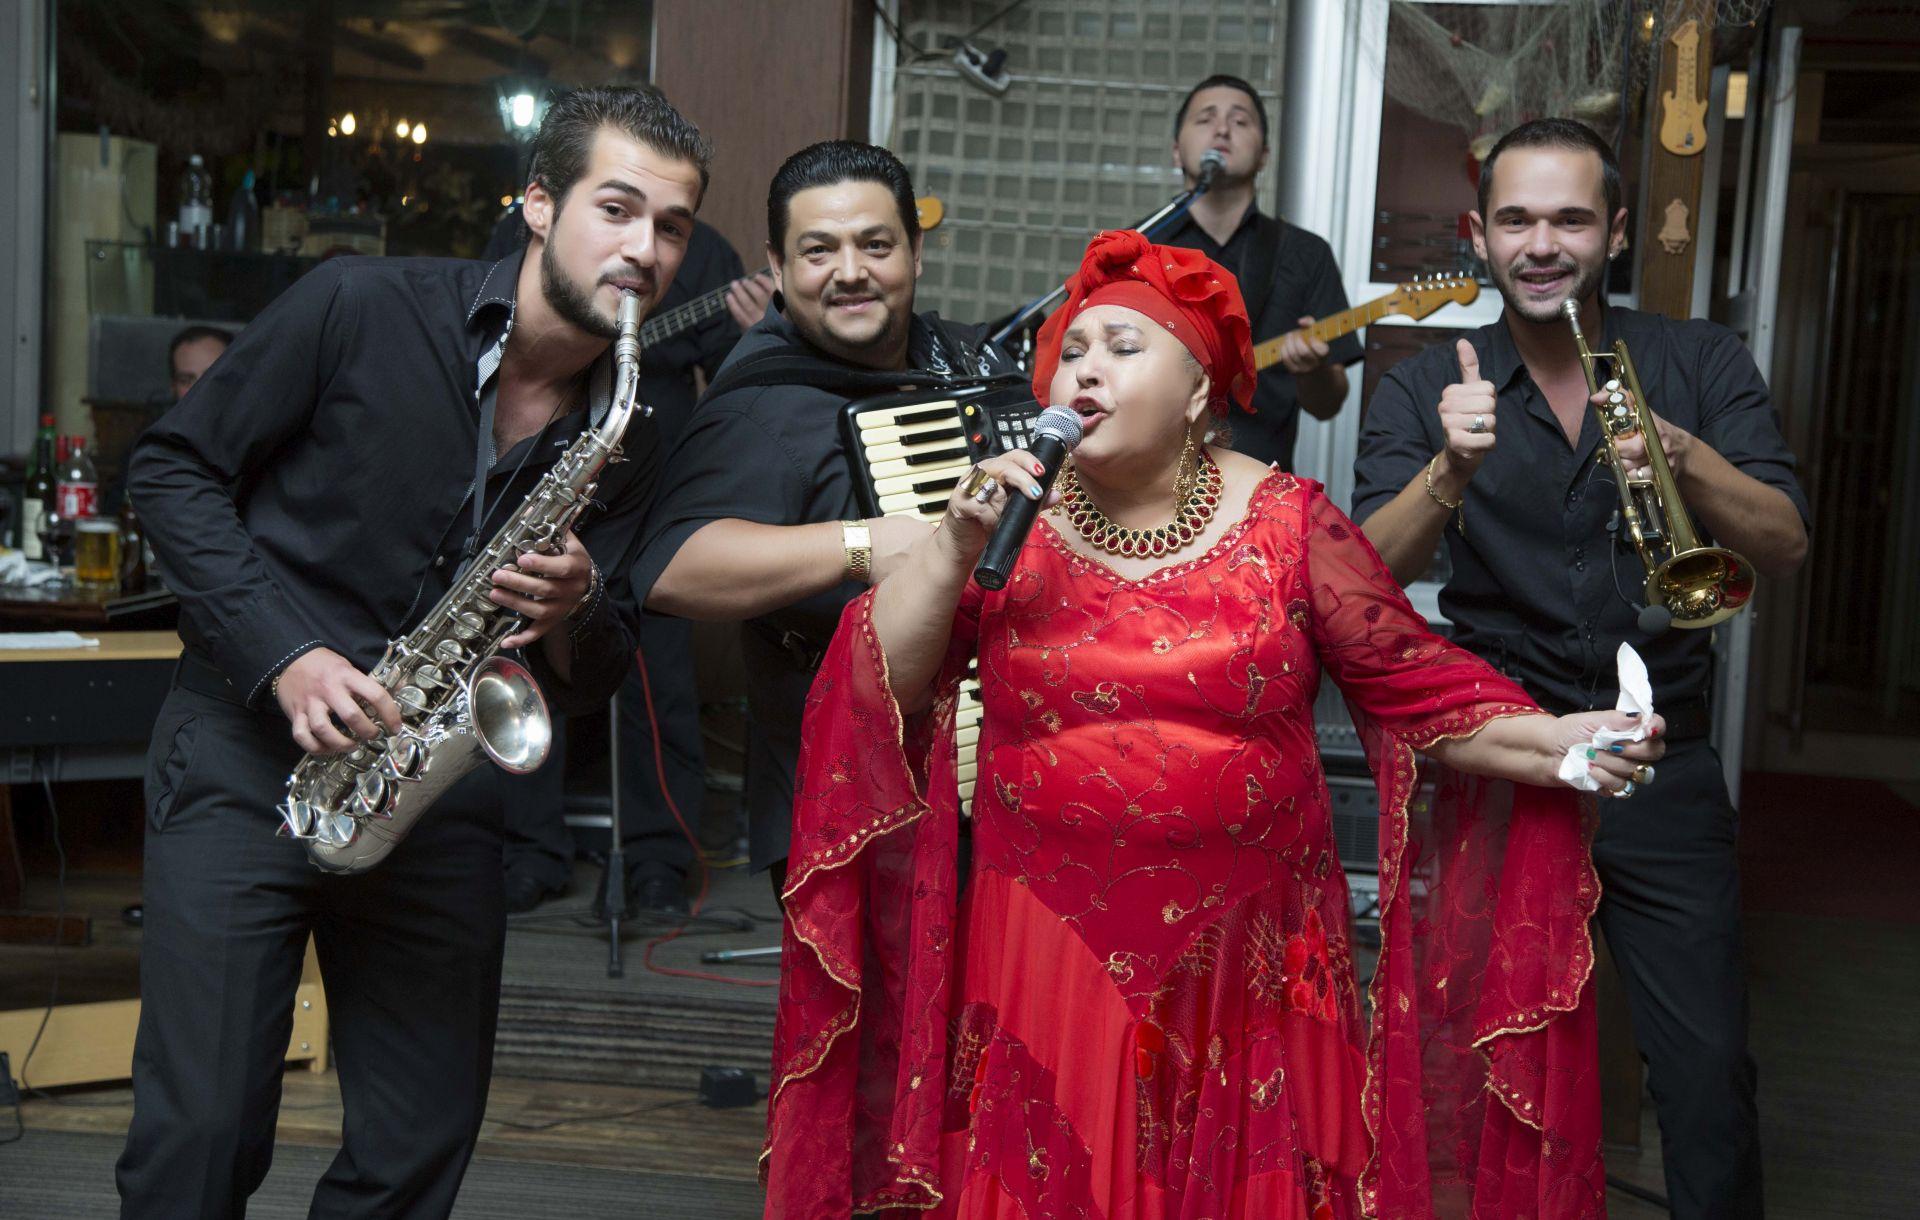 Kraljica romske glazbe: Esma Redžepova u Lisinskom 6. travnja